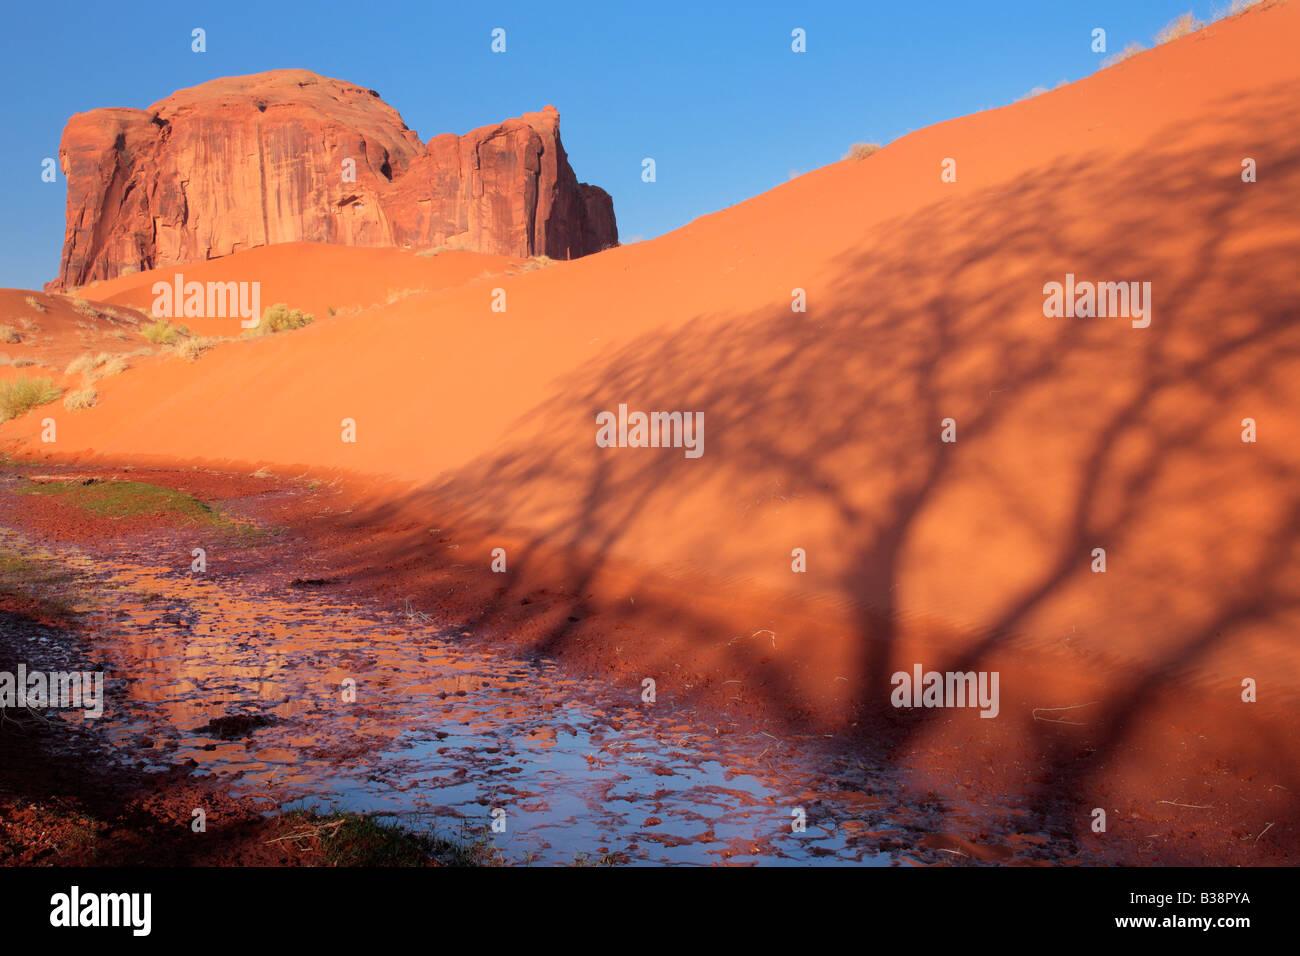 Sand Springs en Monument Valley, bajo la sombra de un árbol cercano Foto de stock